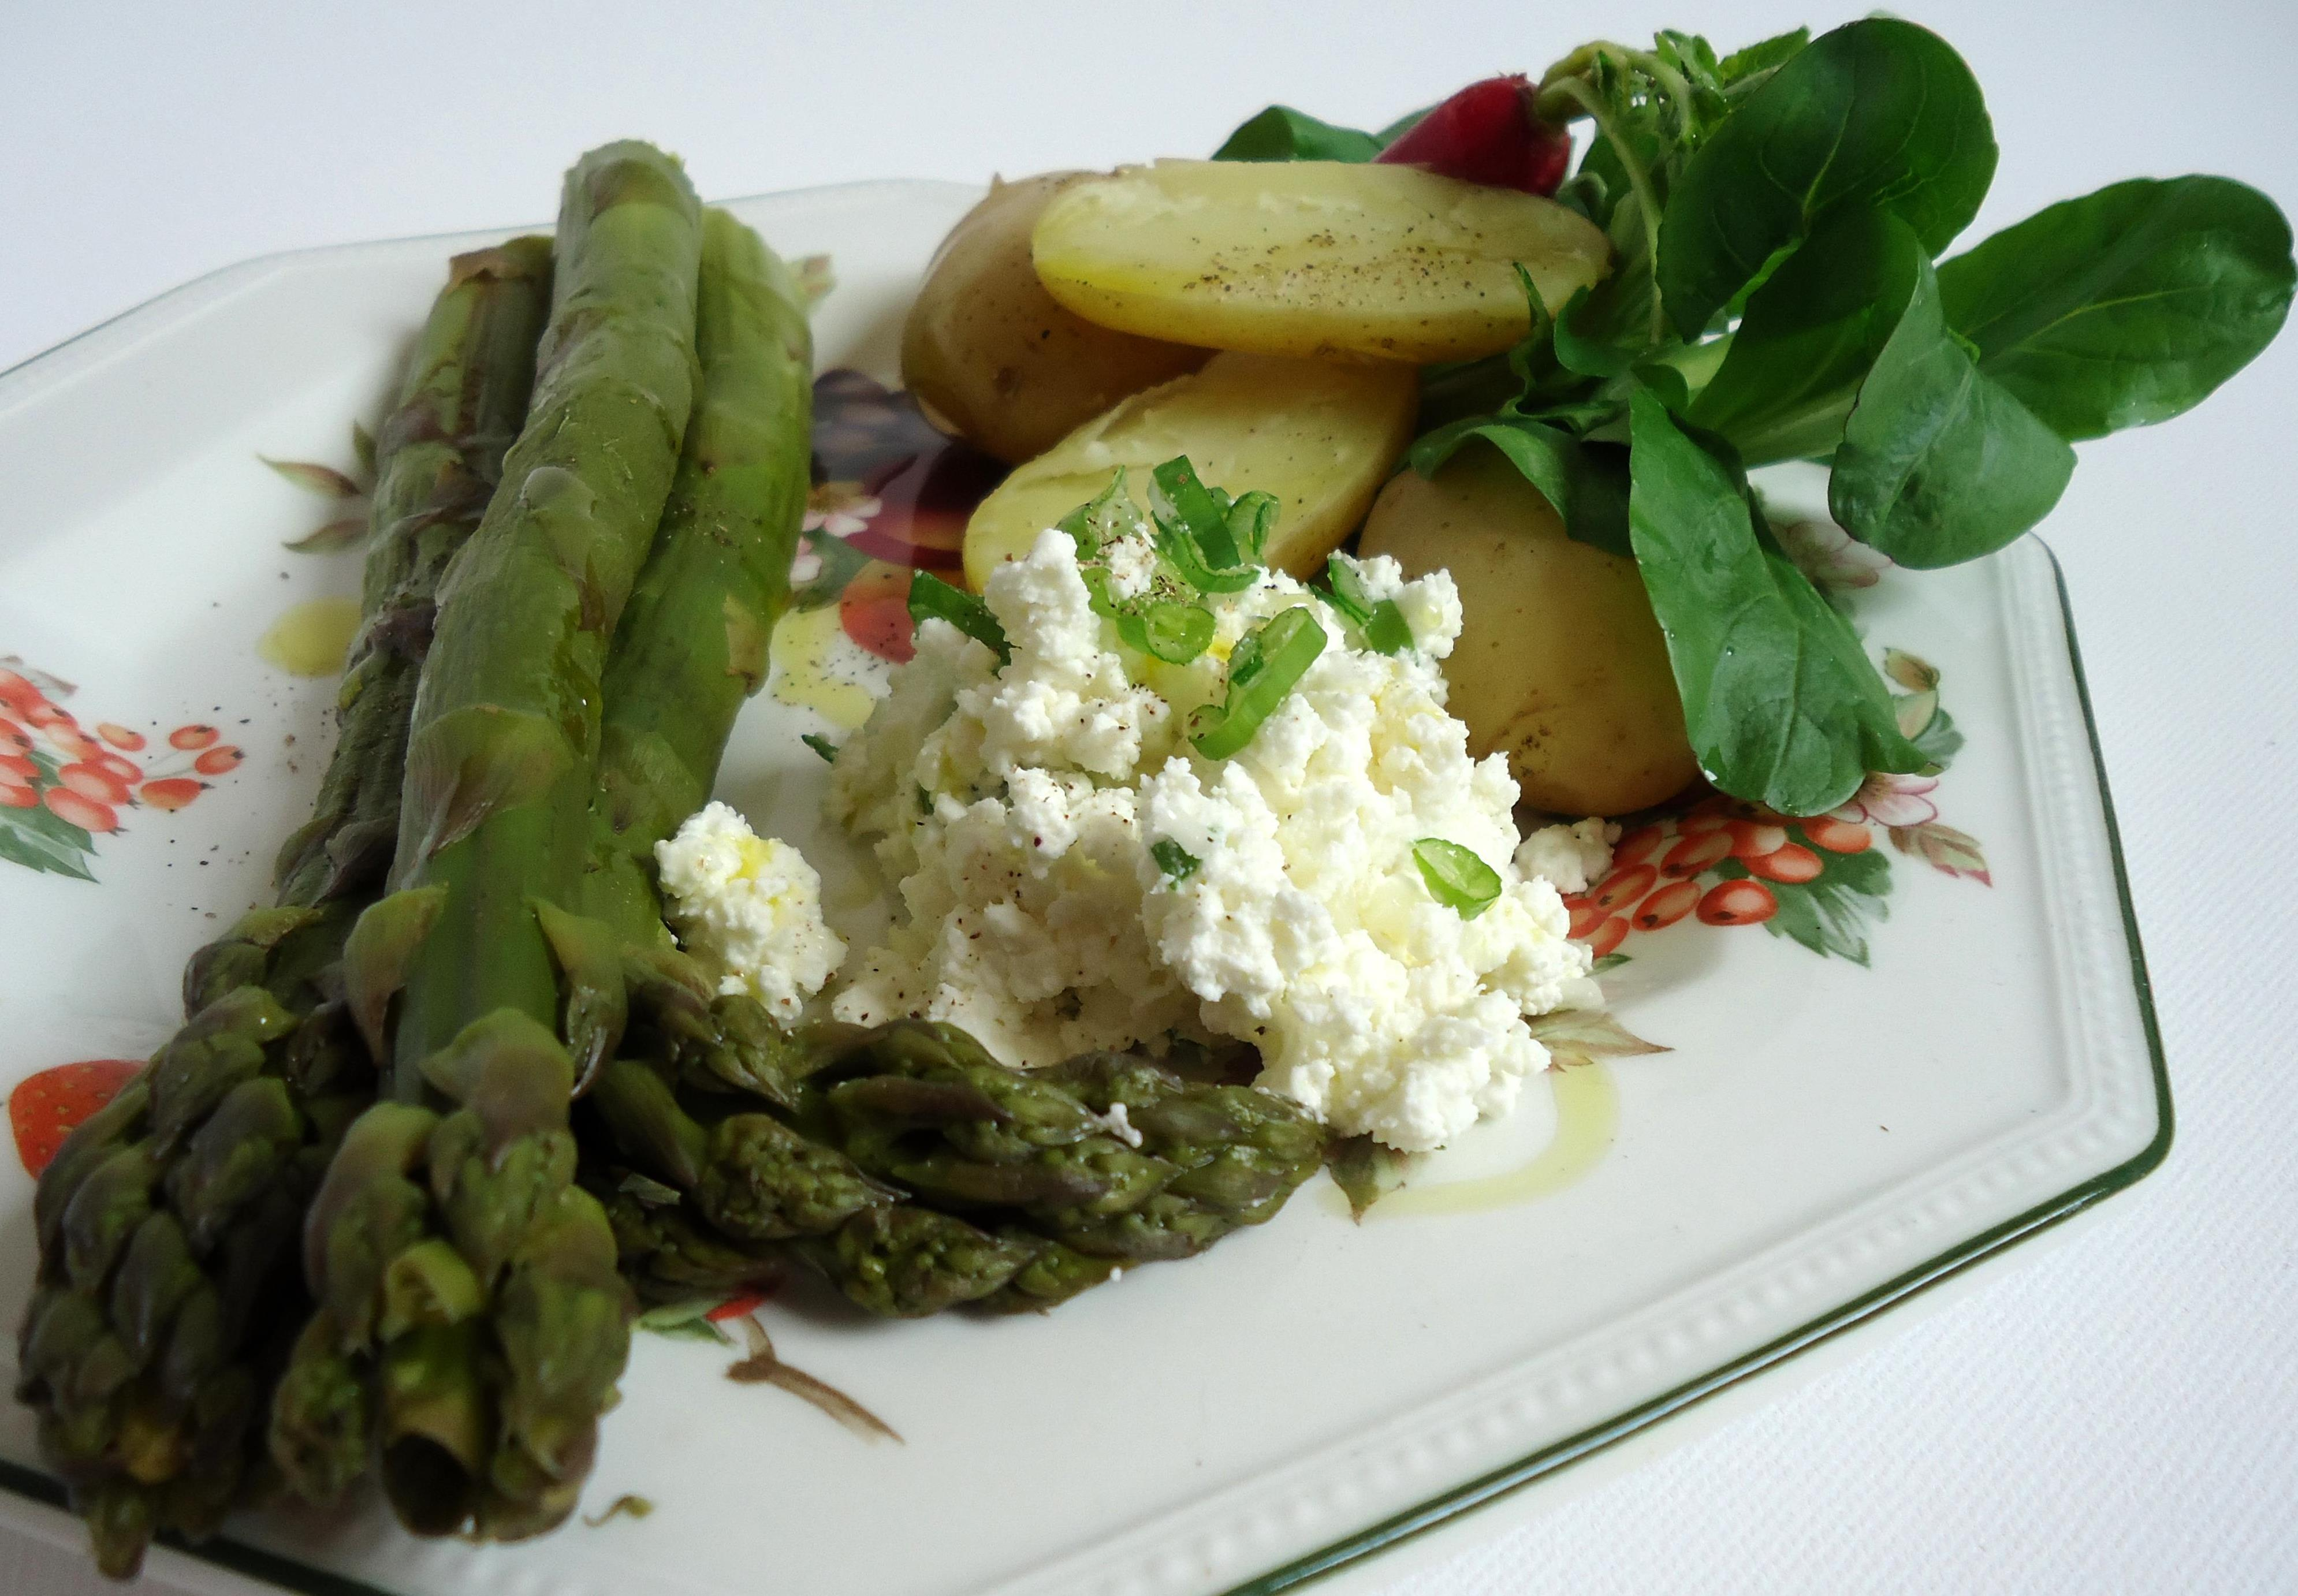 Menu 9 petits choux farcis ma fa on pour le midi et pommes de terre nouvelles asperges et - Cuisiner des pommes de terre nouvelles ...